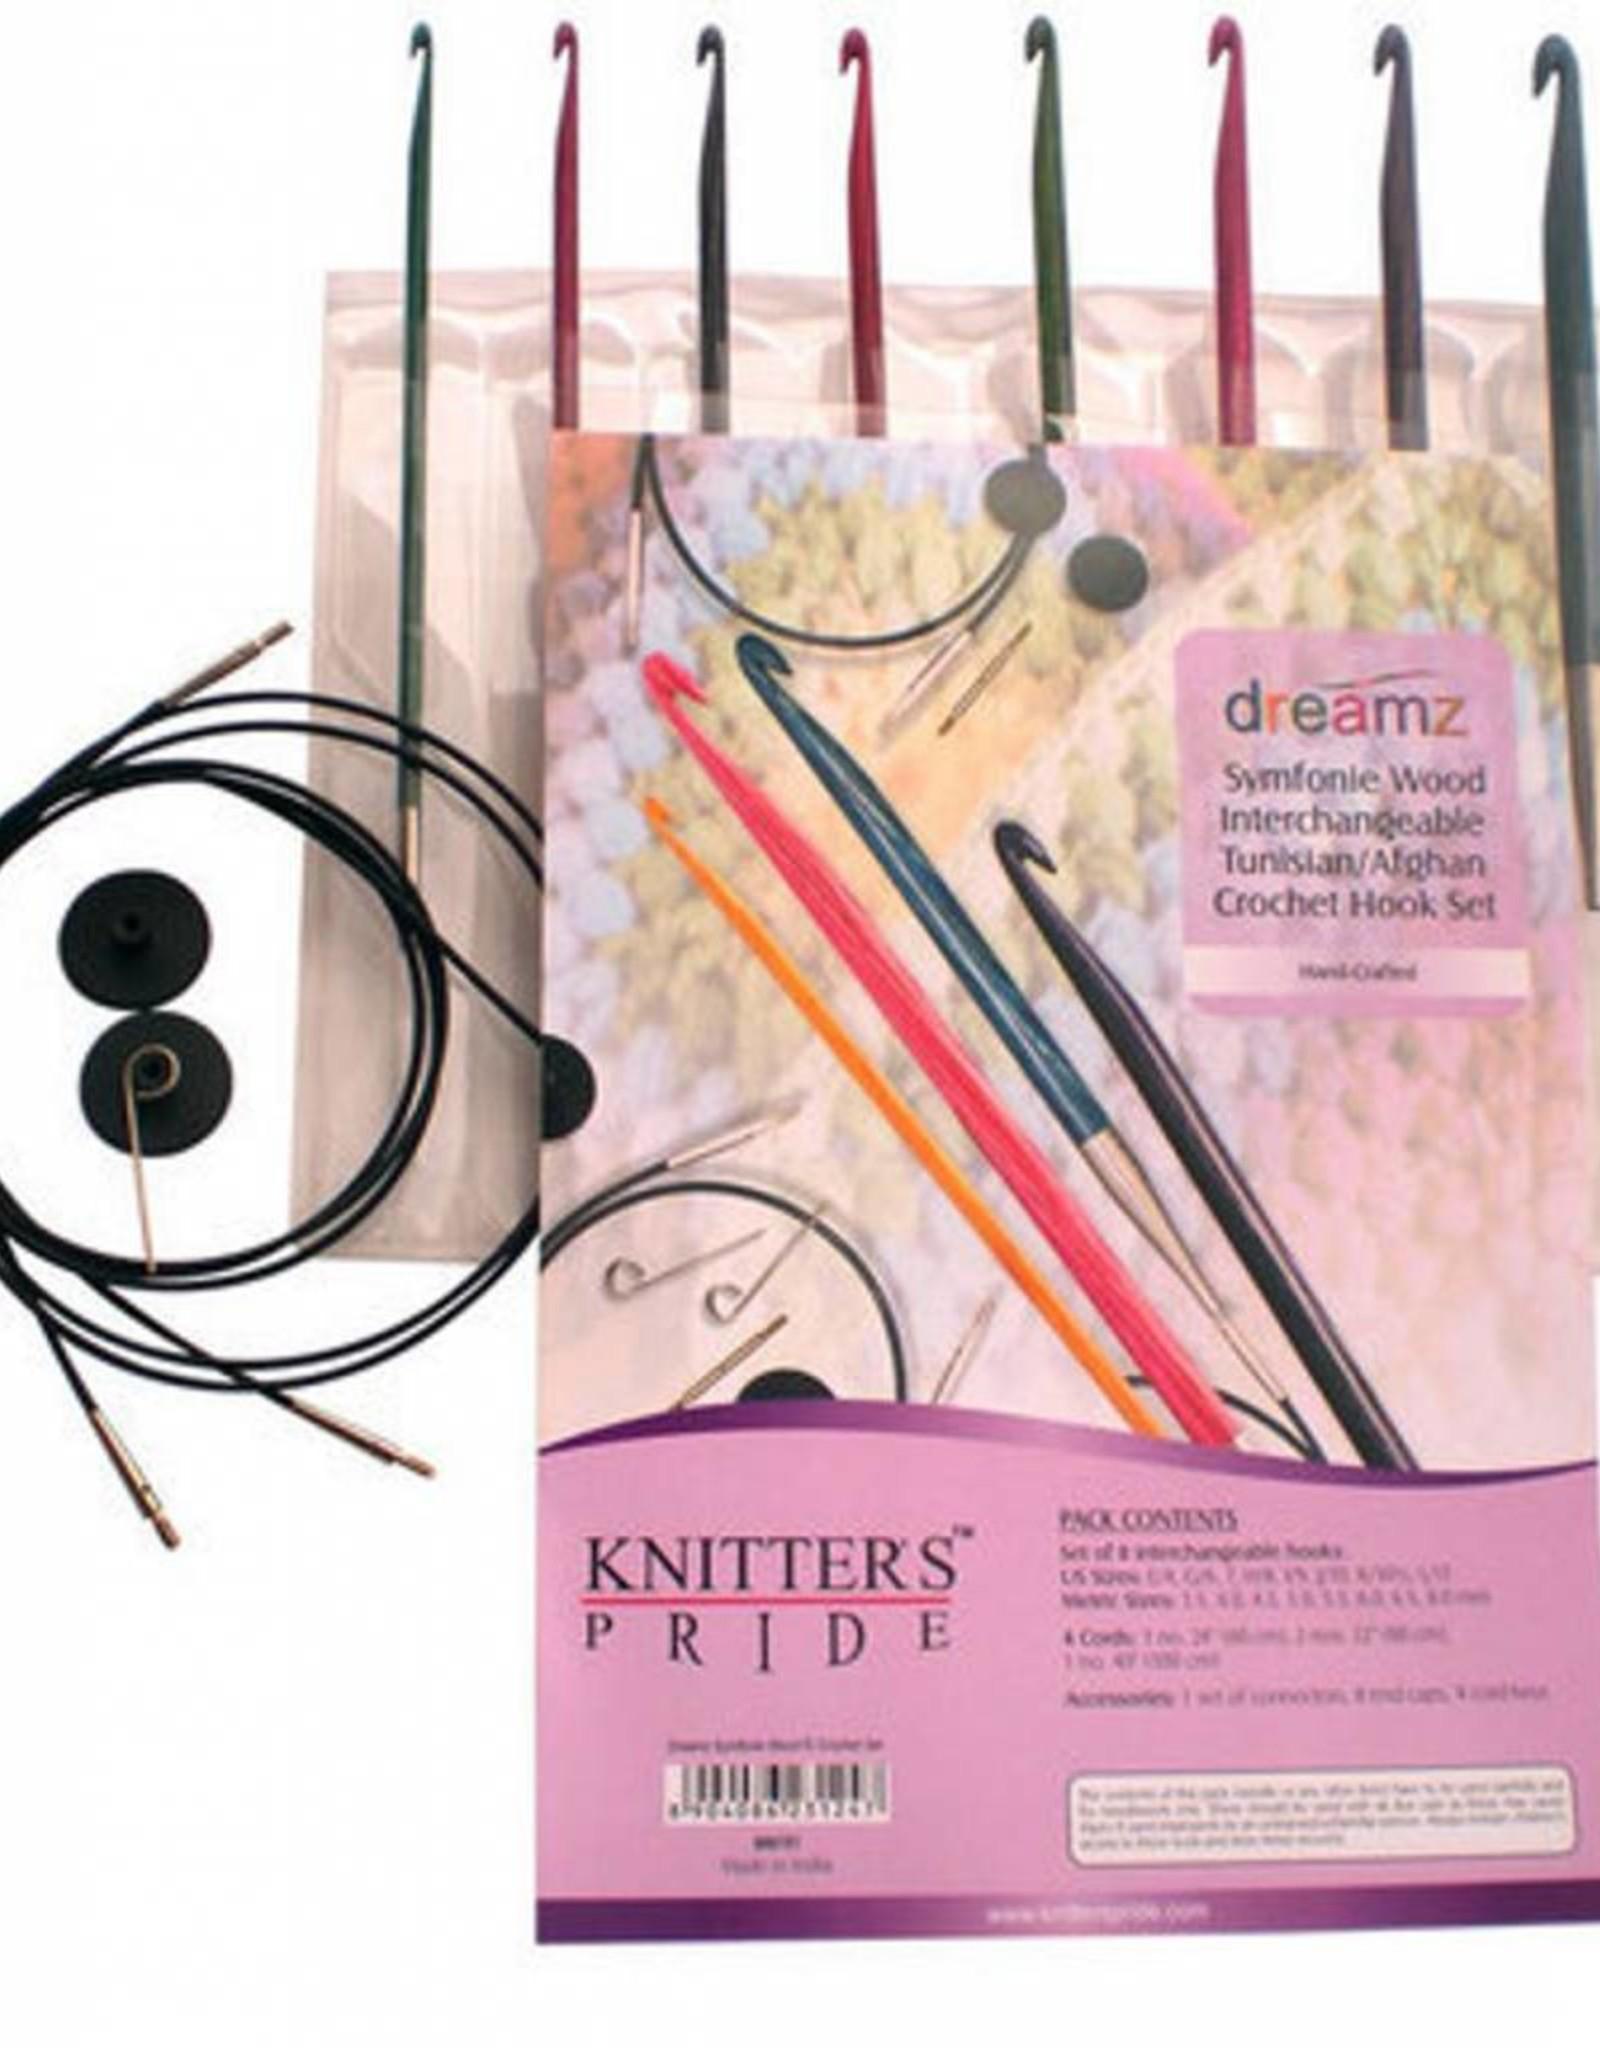 Knitter's Pride Knitter's Pride Dreamz Tunisian Crochet Hook Set